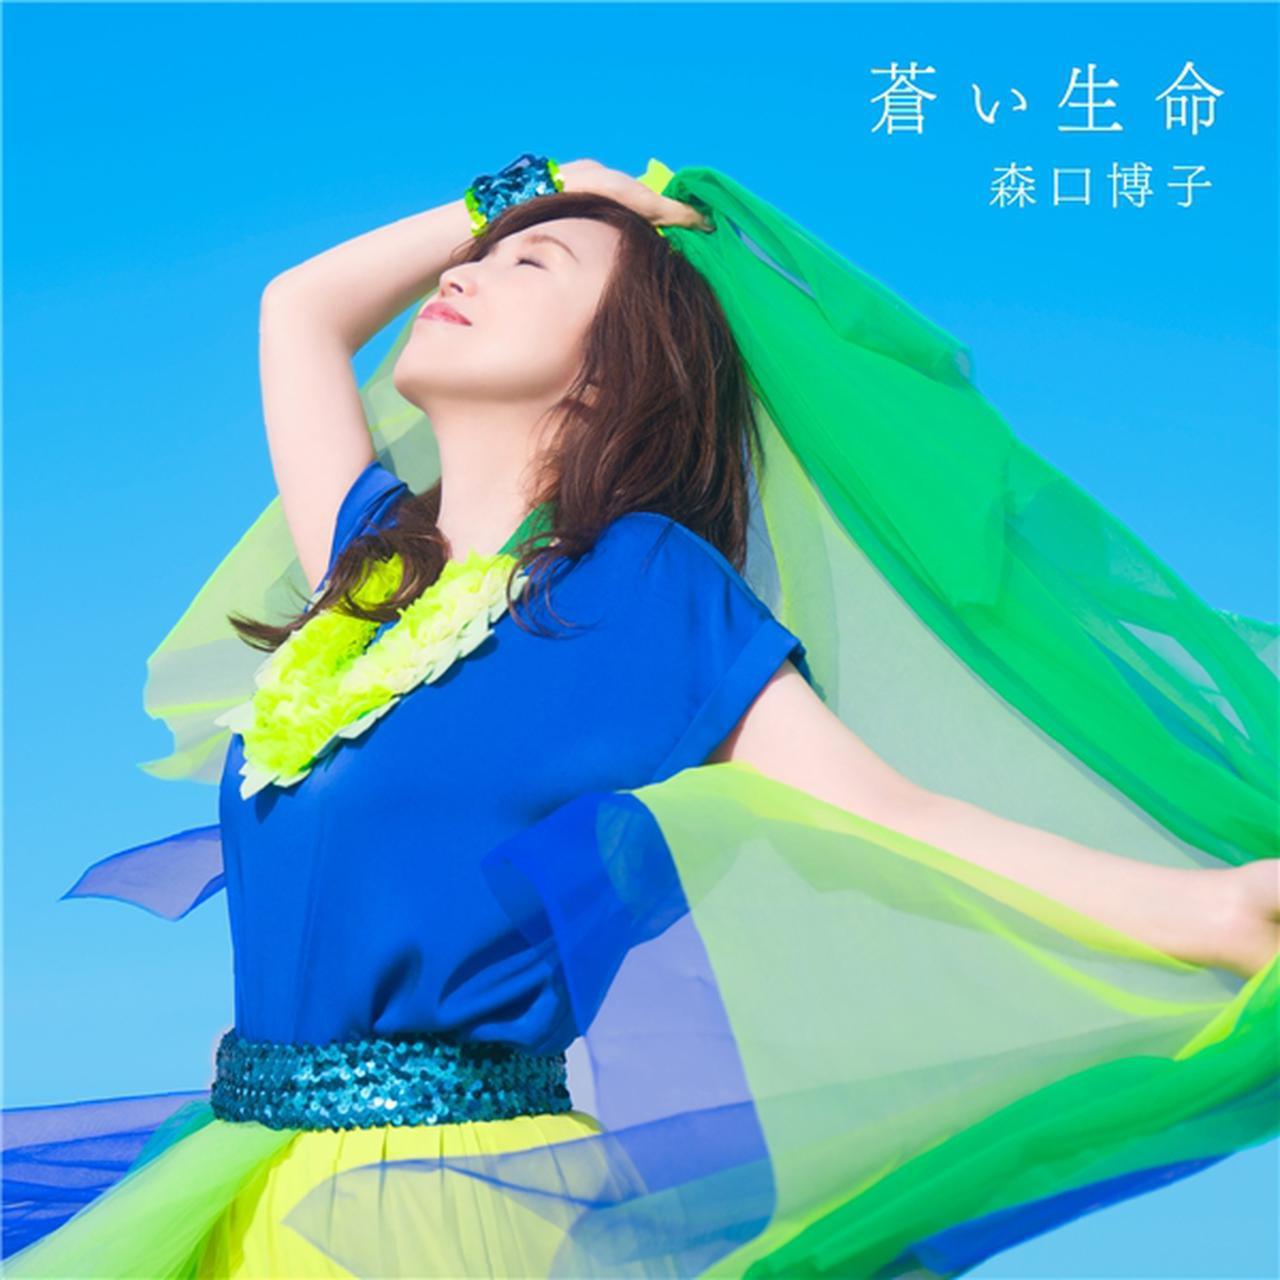 画像: 蒼い生命 / 森口 博子